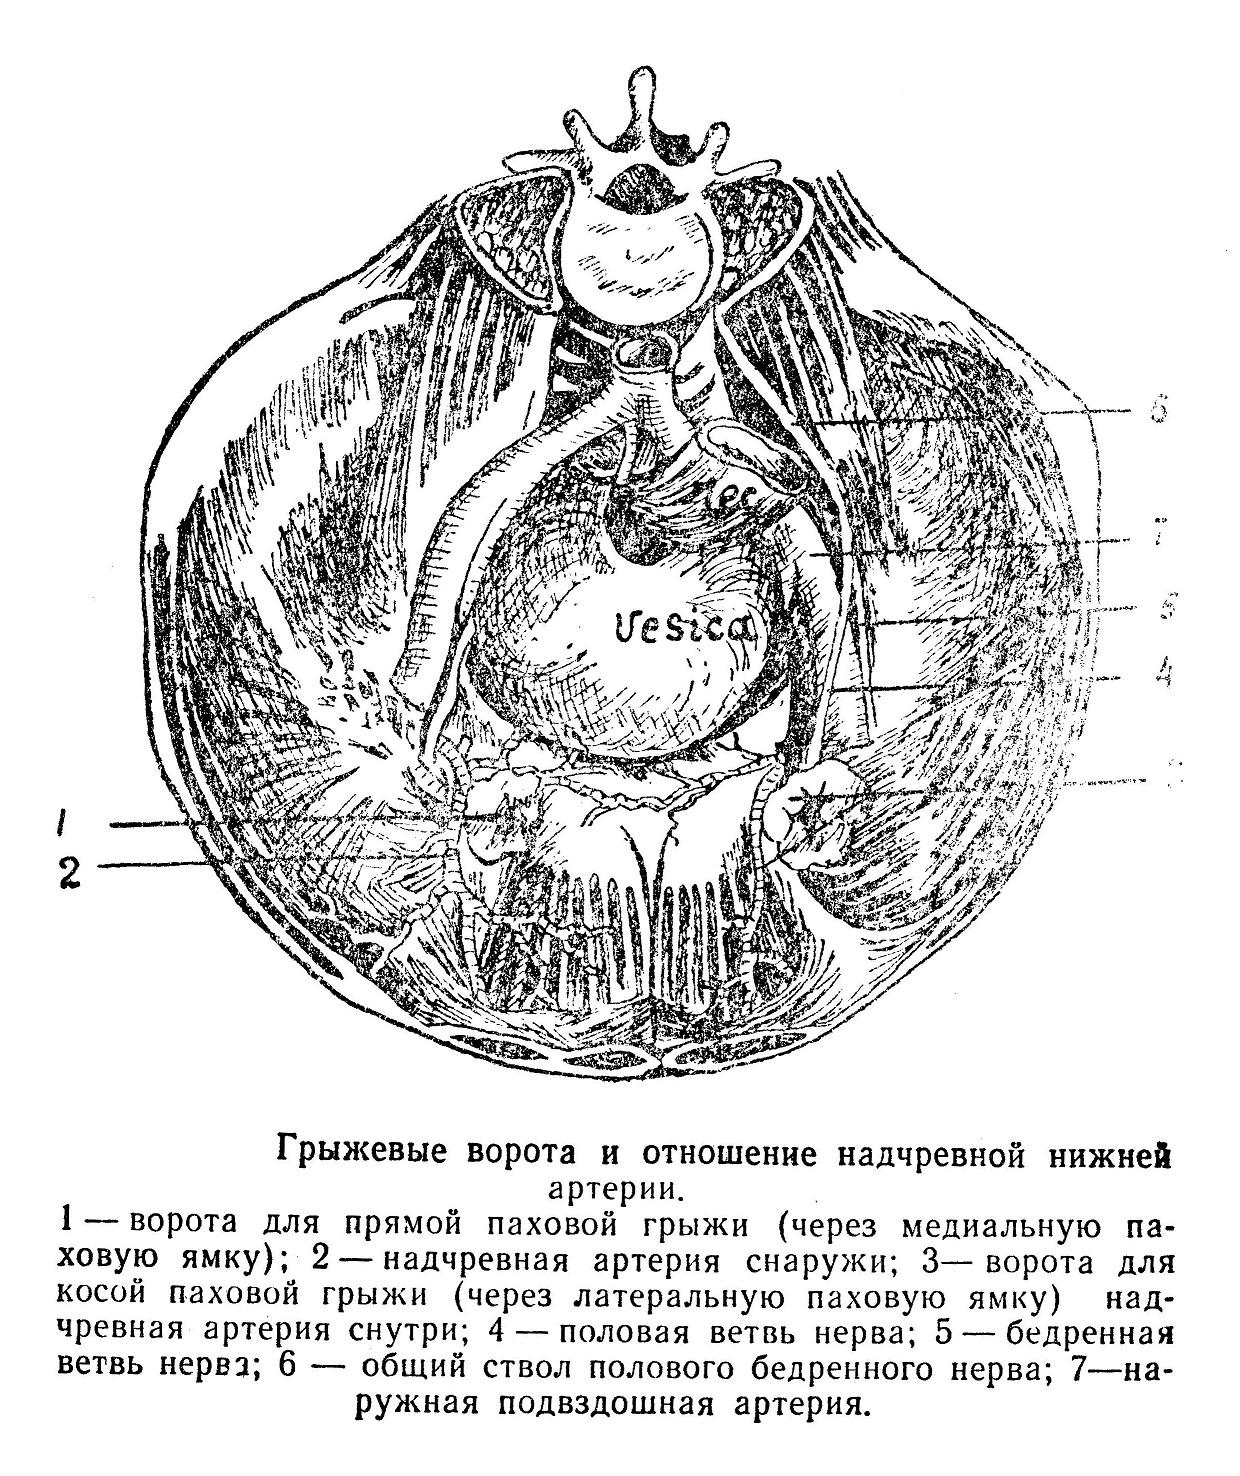 рыжевые ворота и отношение надчревной нижней артерии.